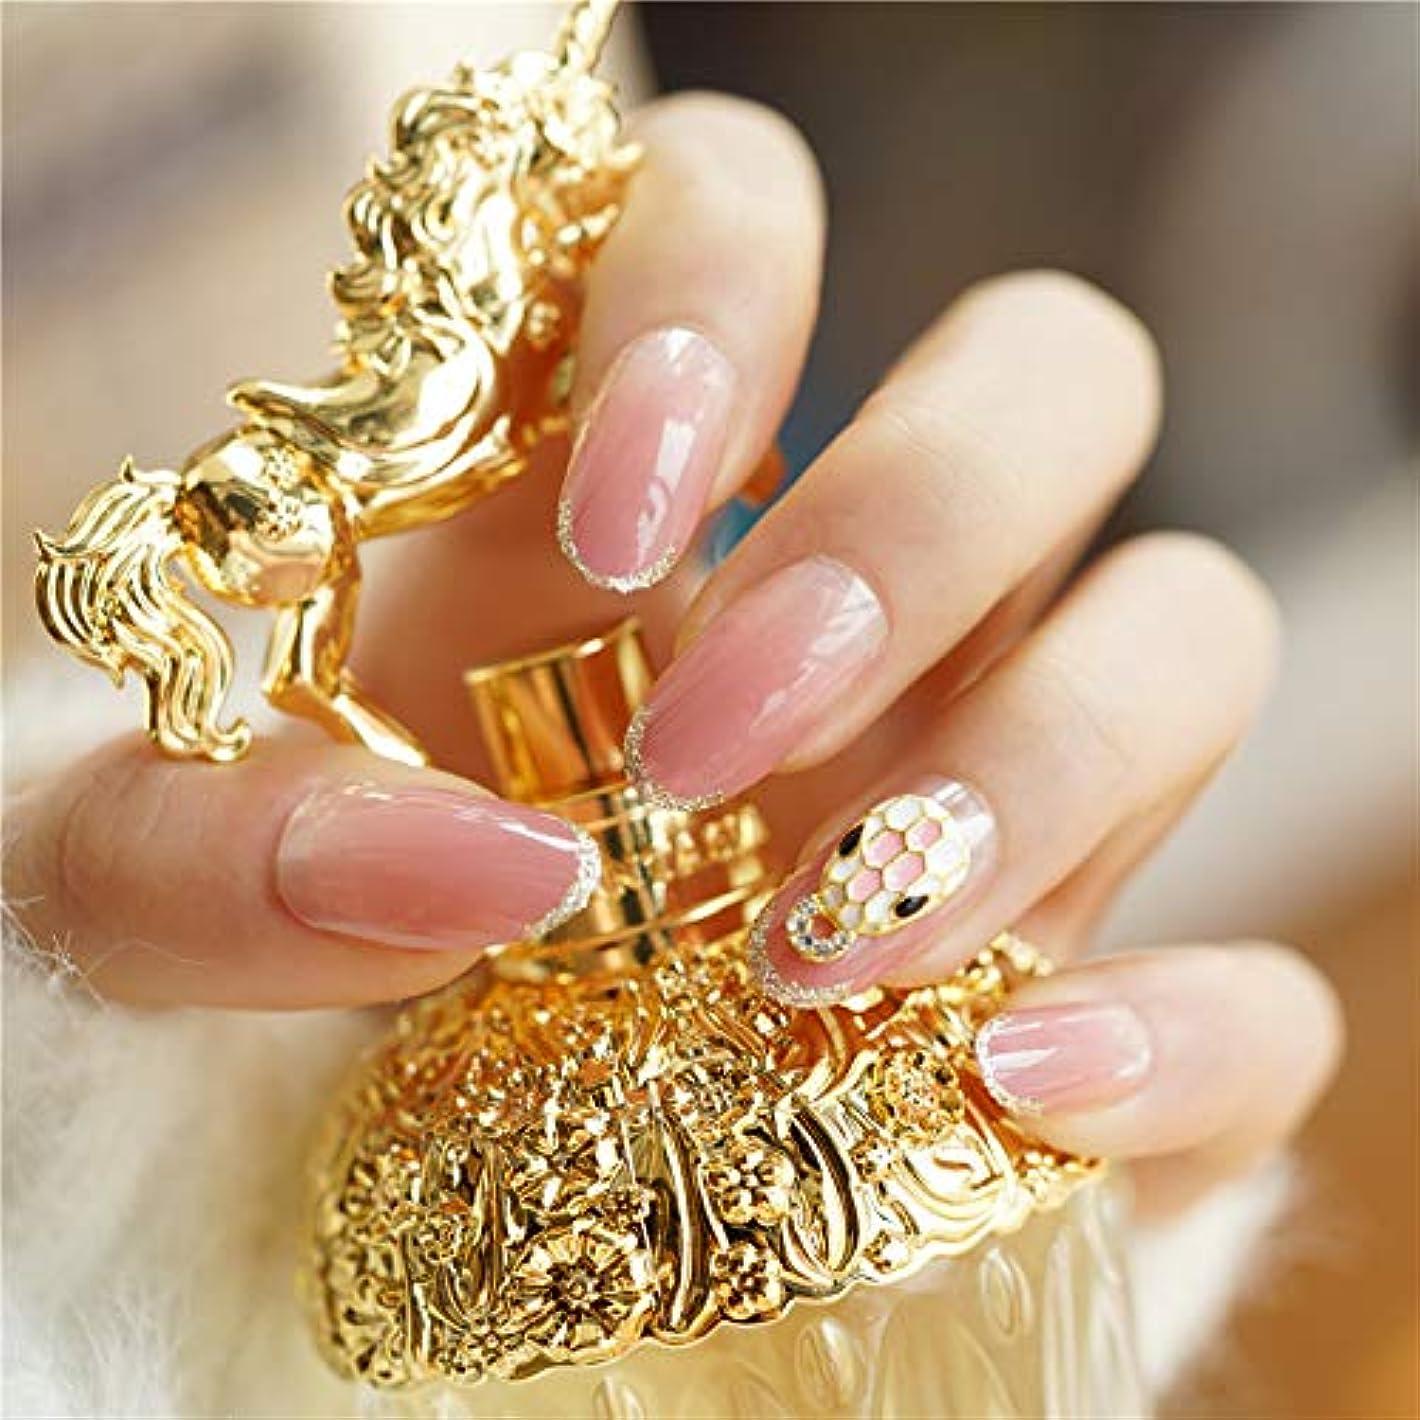 歌陽気な行商24枚セット ネイルチップ 付け爪 お嫁さんつけ爪 ネイルシール 3D可愛い飾り 爪先金回し 水しいピンク色変化デザインネイルチップ (ピンク)